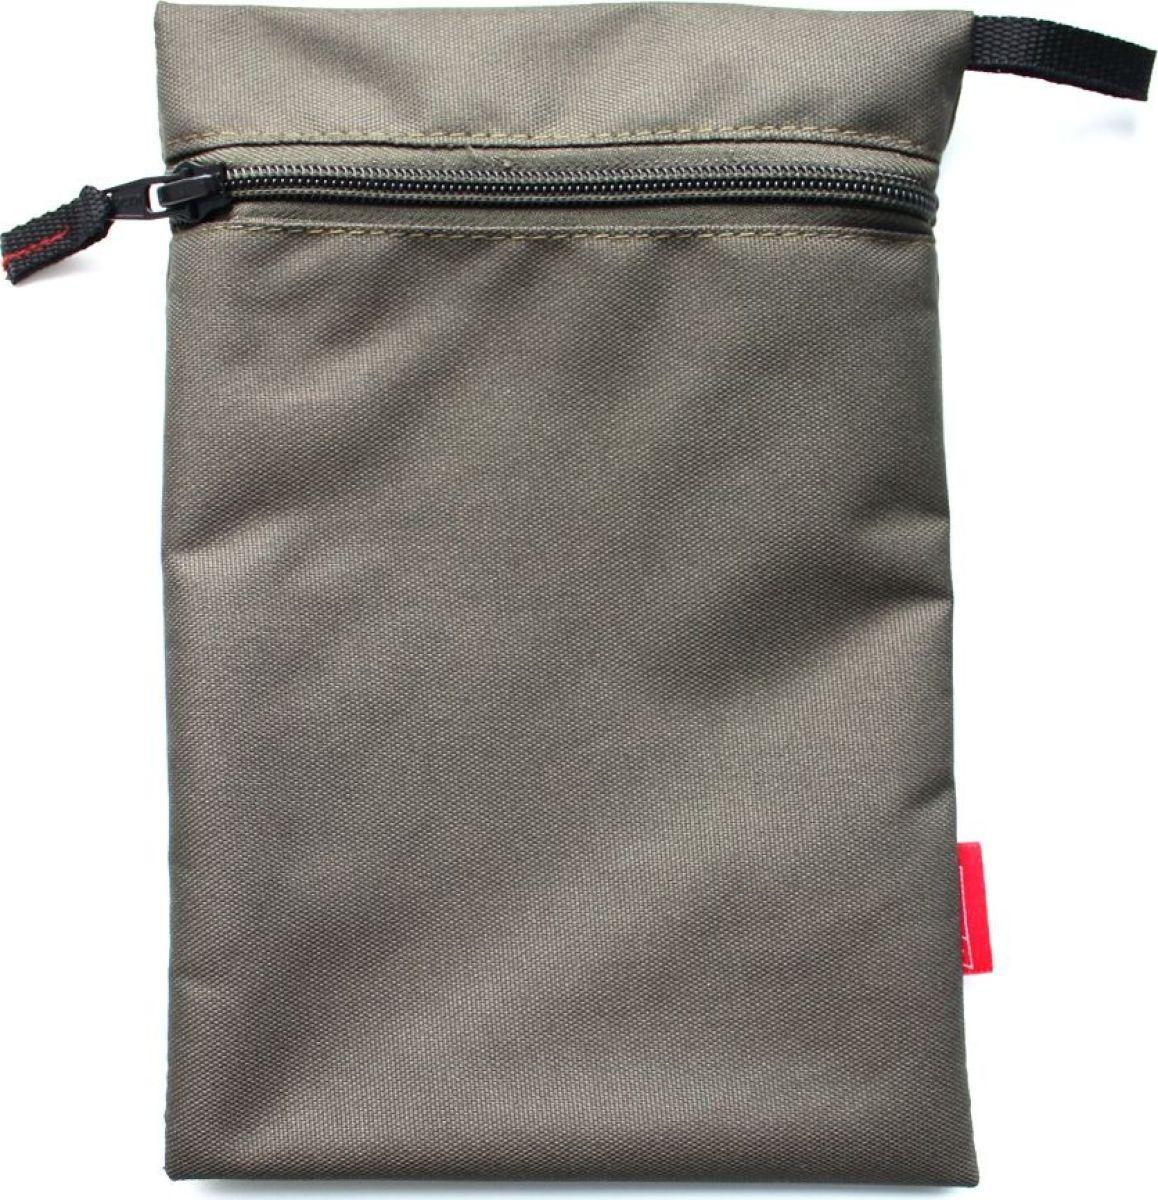 Мешок вещевой Tplus 600, цвет: олива, 18 x 26 см сумка для такелажной оснастки tplus сompact t009399